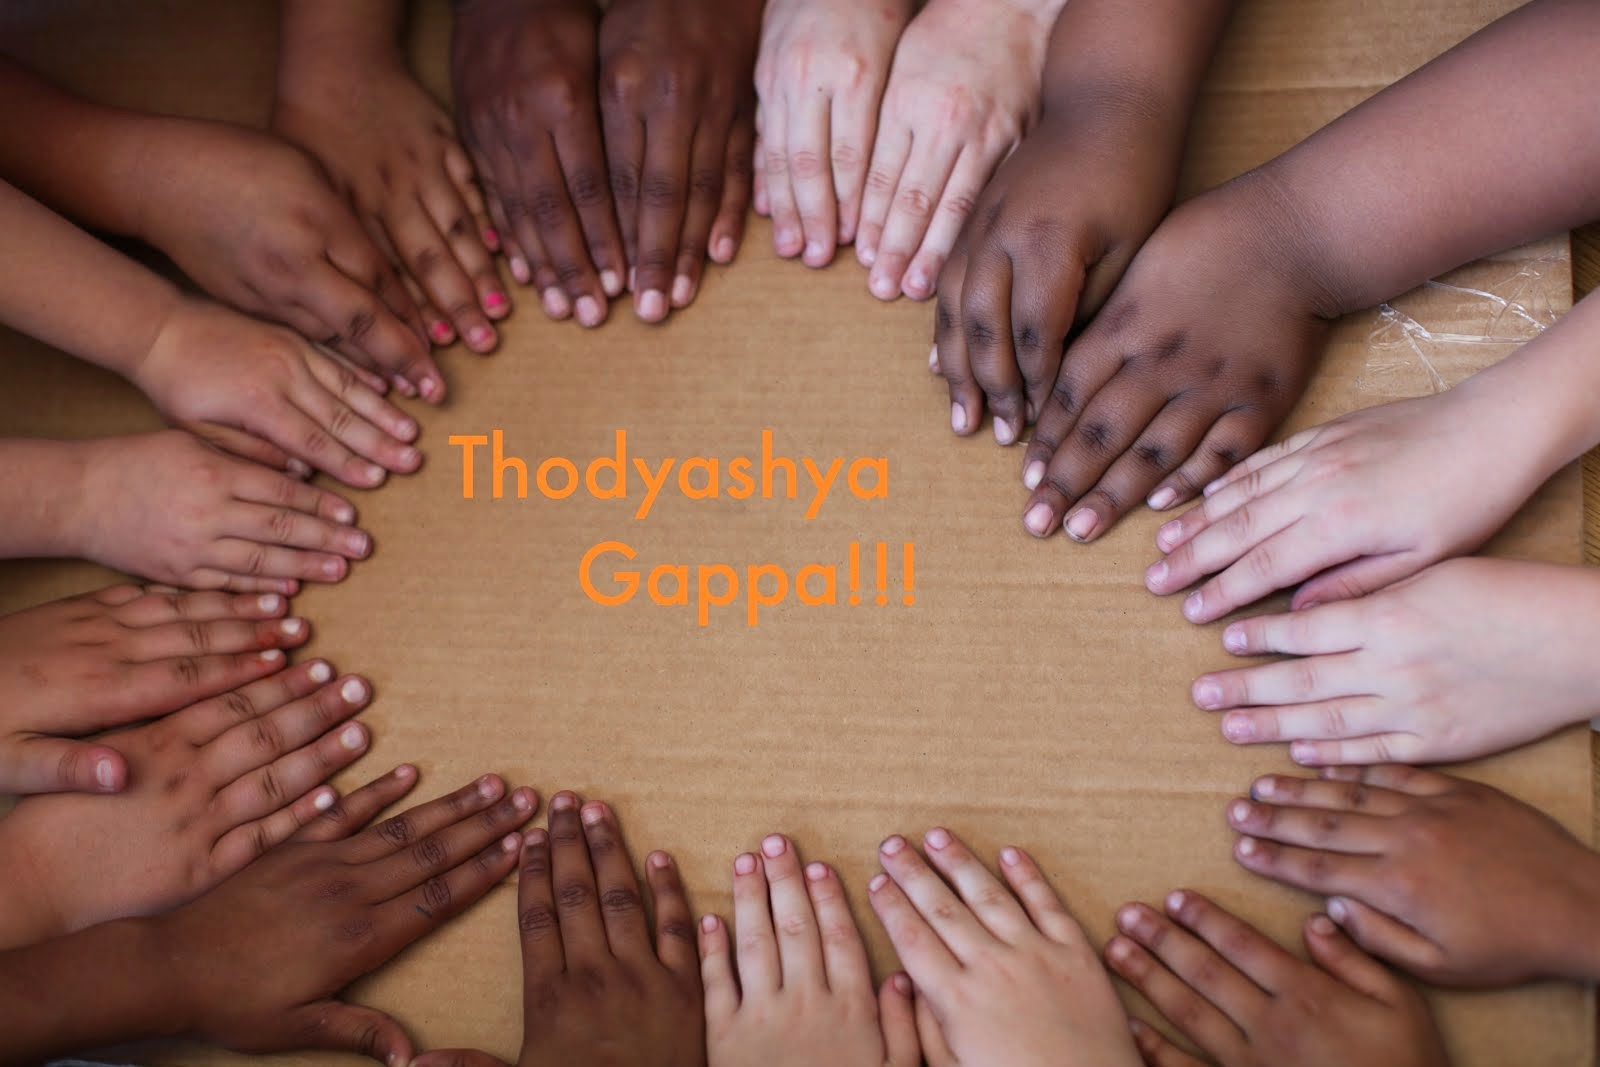 Thodyashya Gappa